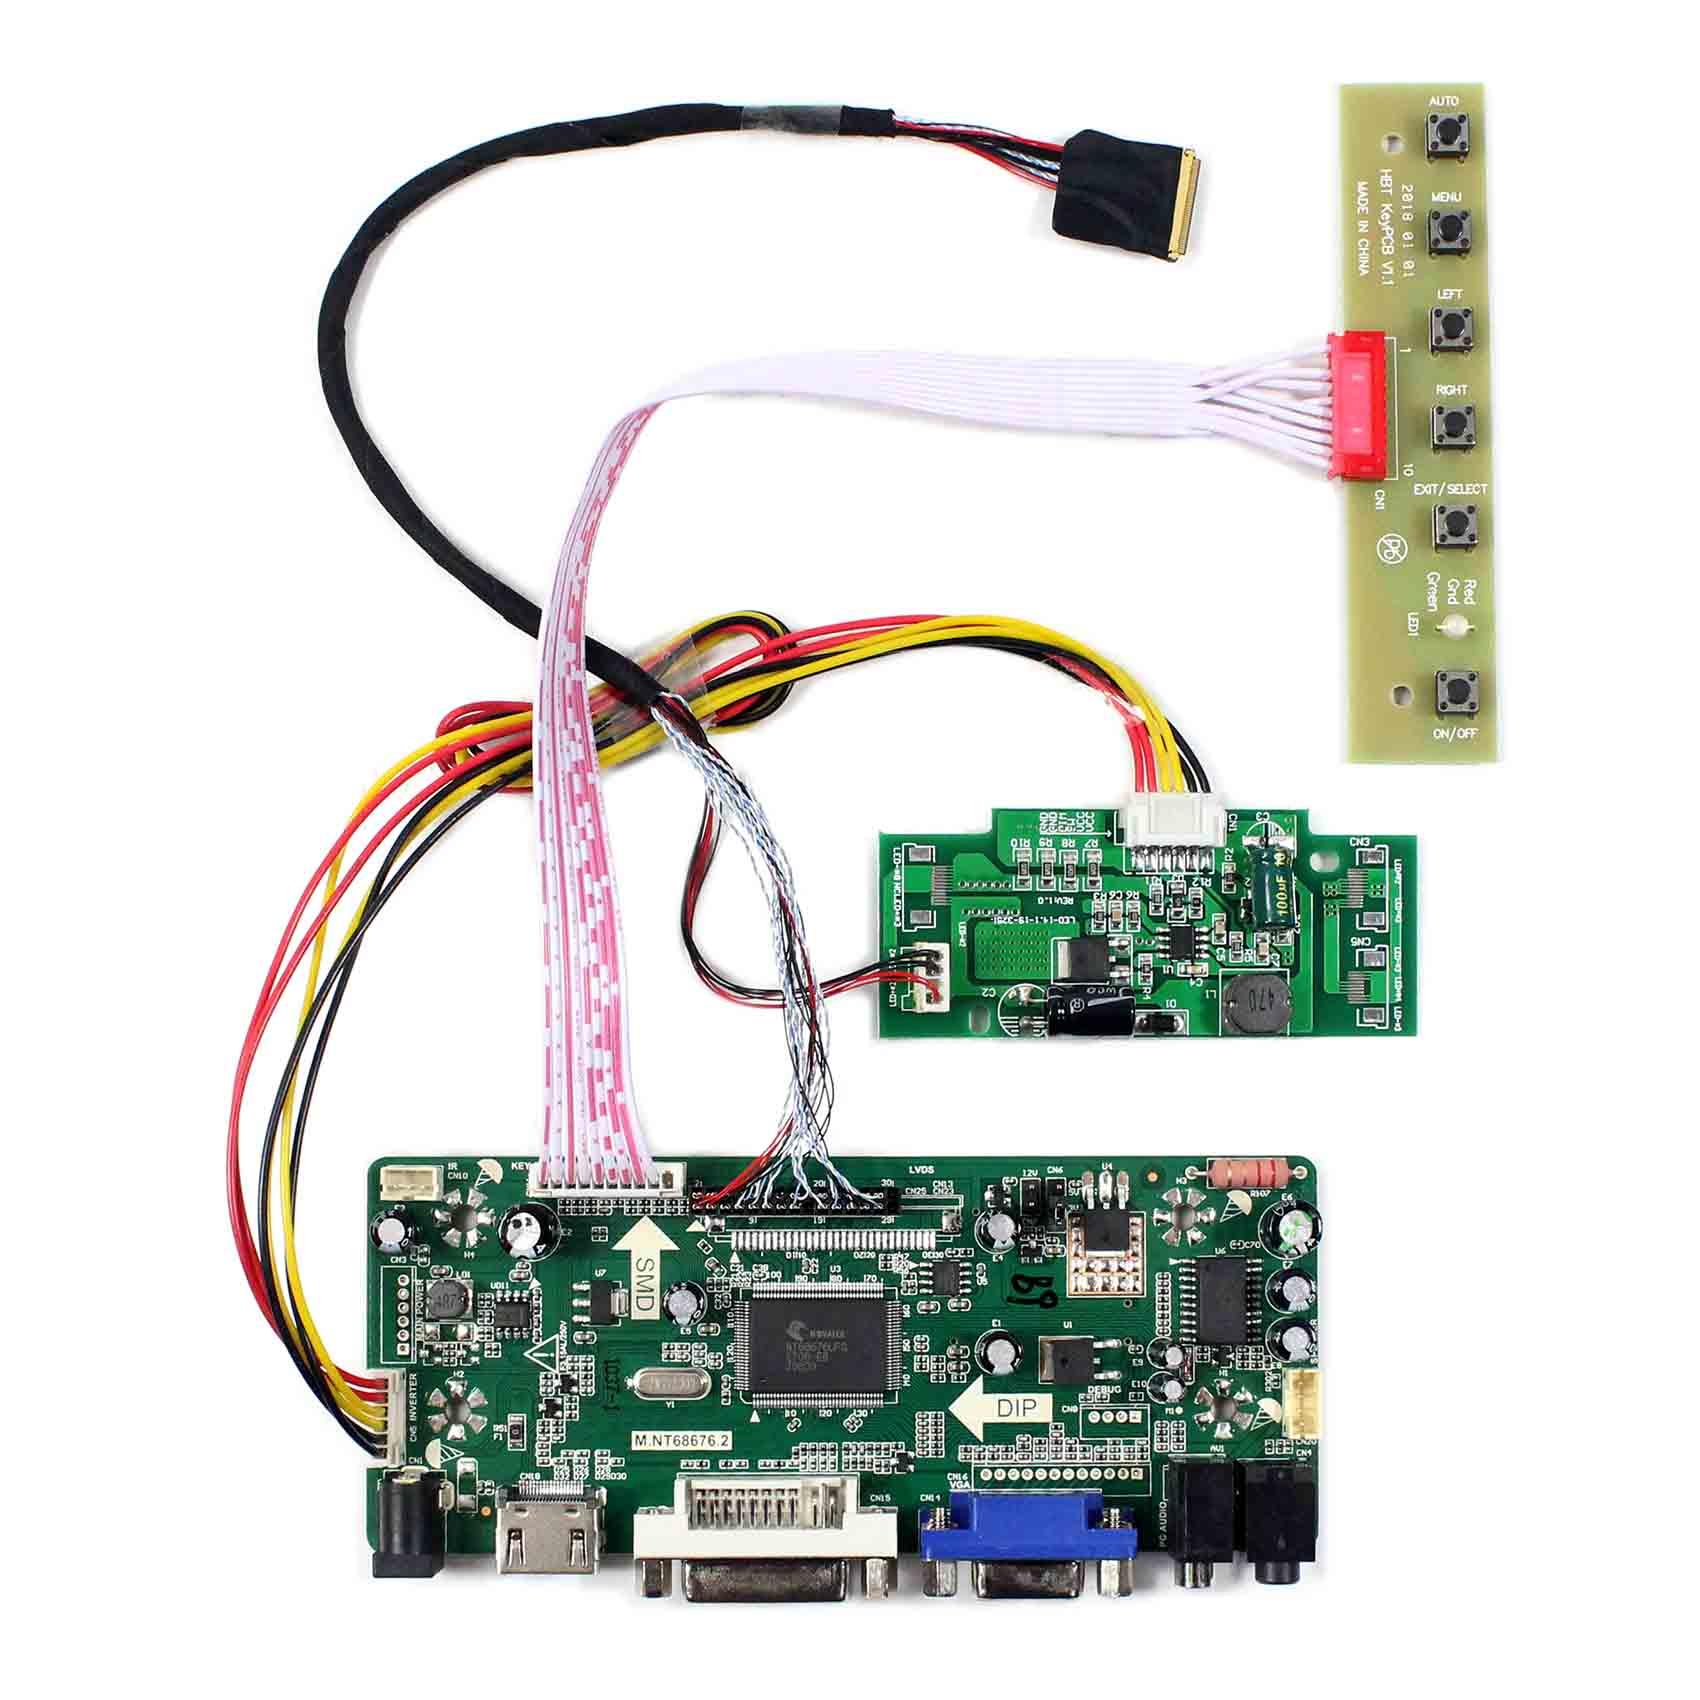 Hdmi dvi vga placa de controlador lcd para 15.4 polegada ltn154bt08 lp154wp3 LP154WP4-TLB lcd